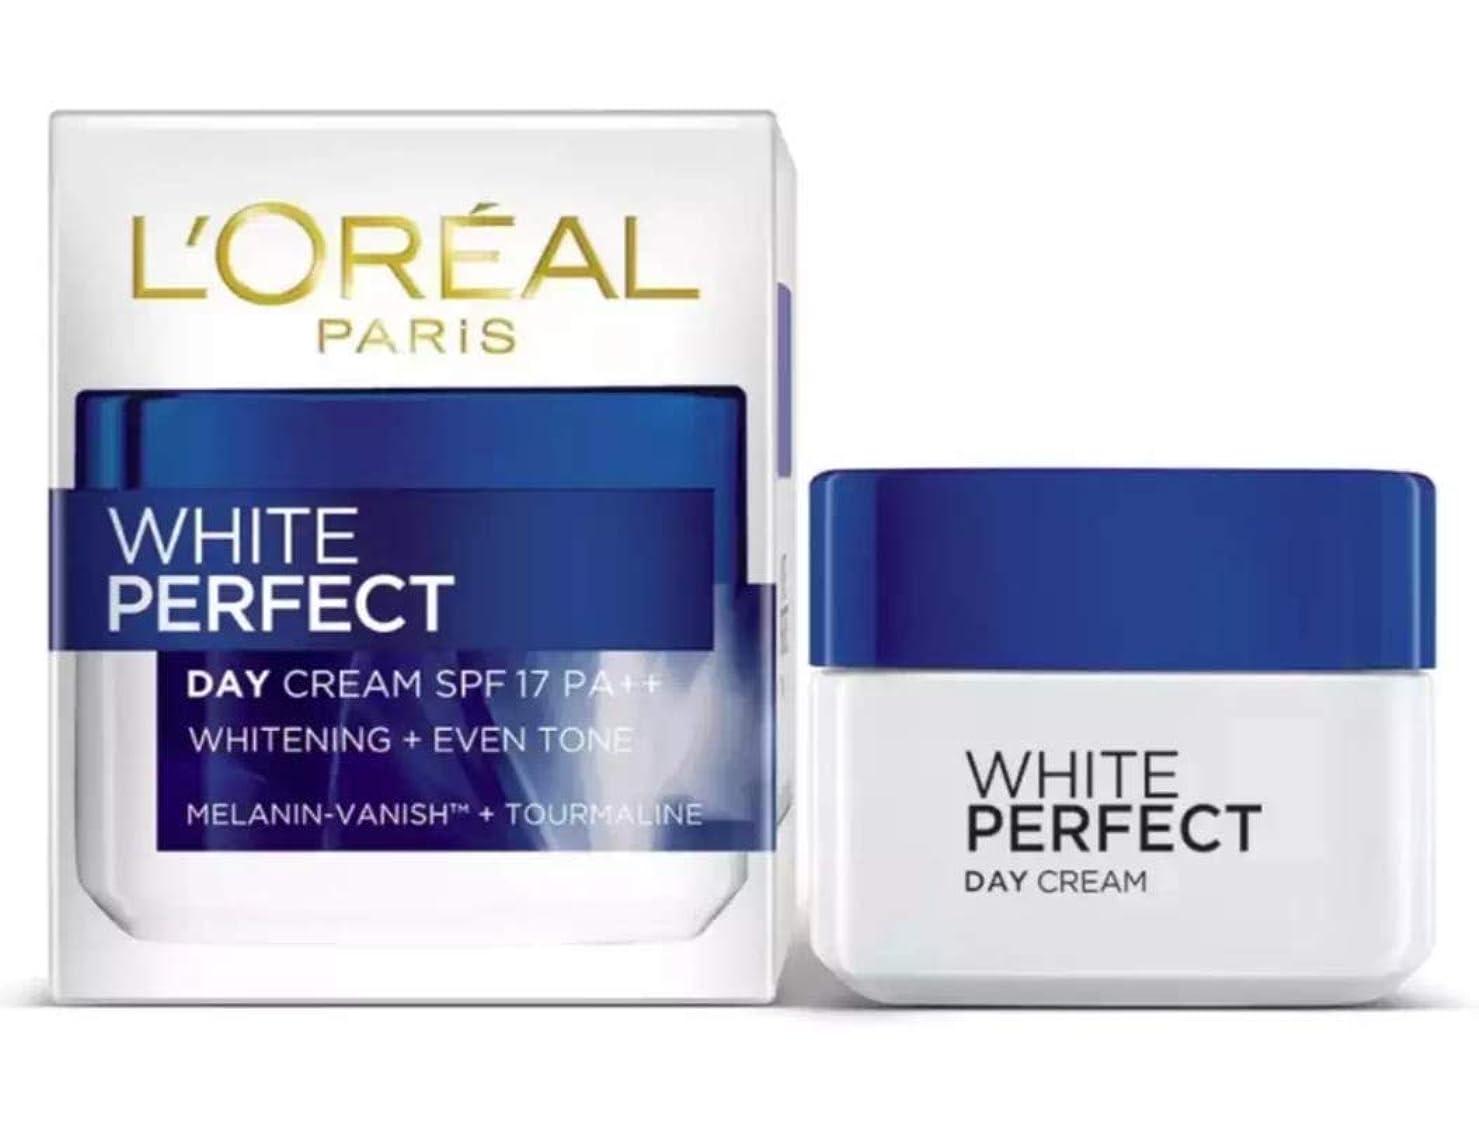 元気な遷移所持L'OREAL PARiS WHITE PERFECT DAY CREAM WHITE+EVEN TONE 【SPF17 PA++】 50ml [並行輸入品]